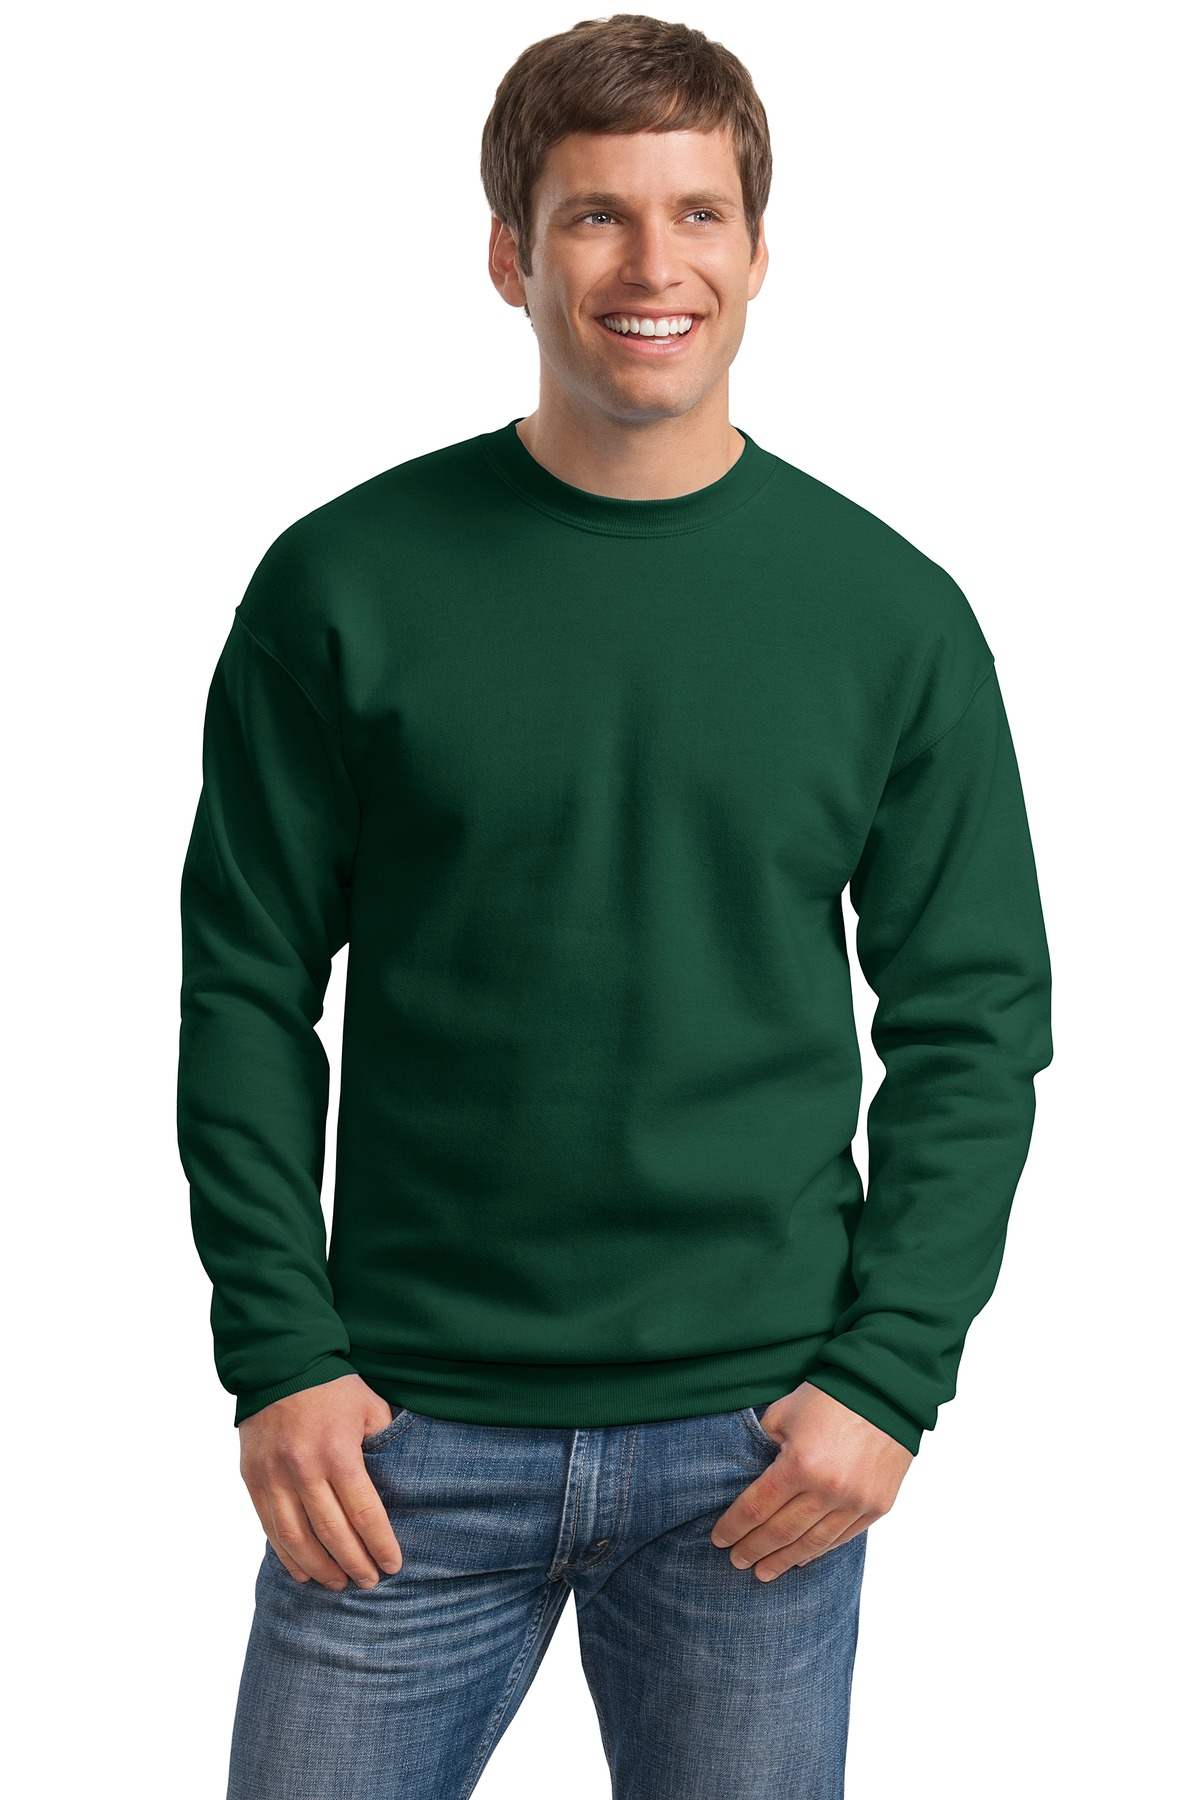 Sweatshirts-Fleece-Crew-Necks-15